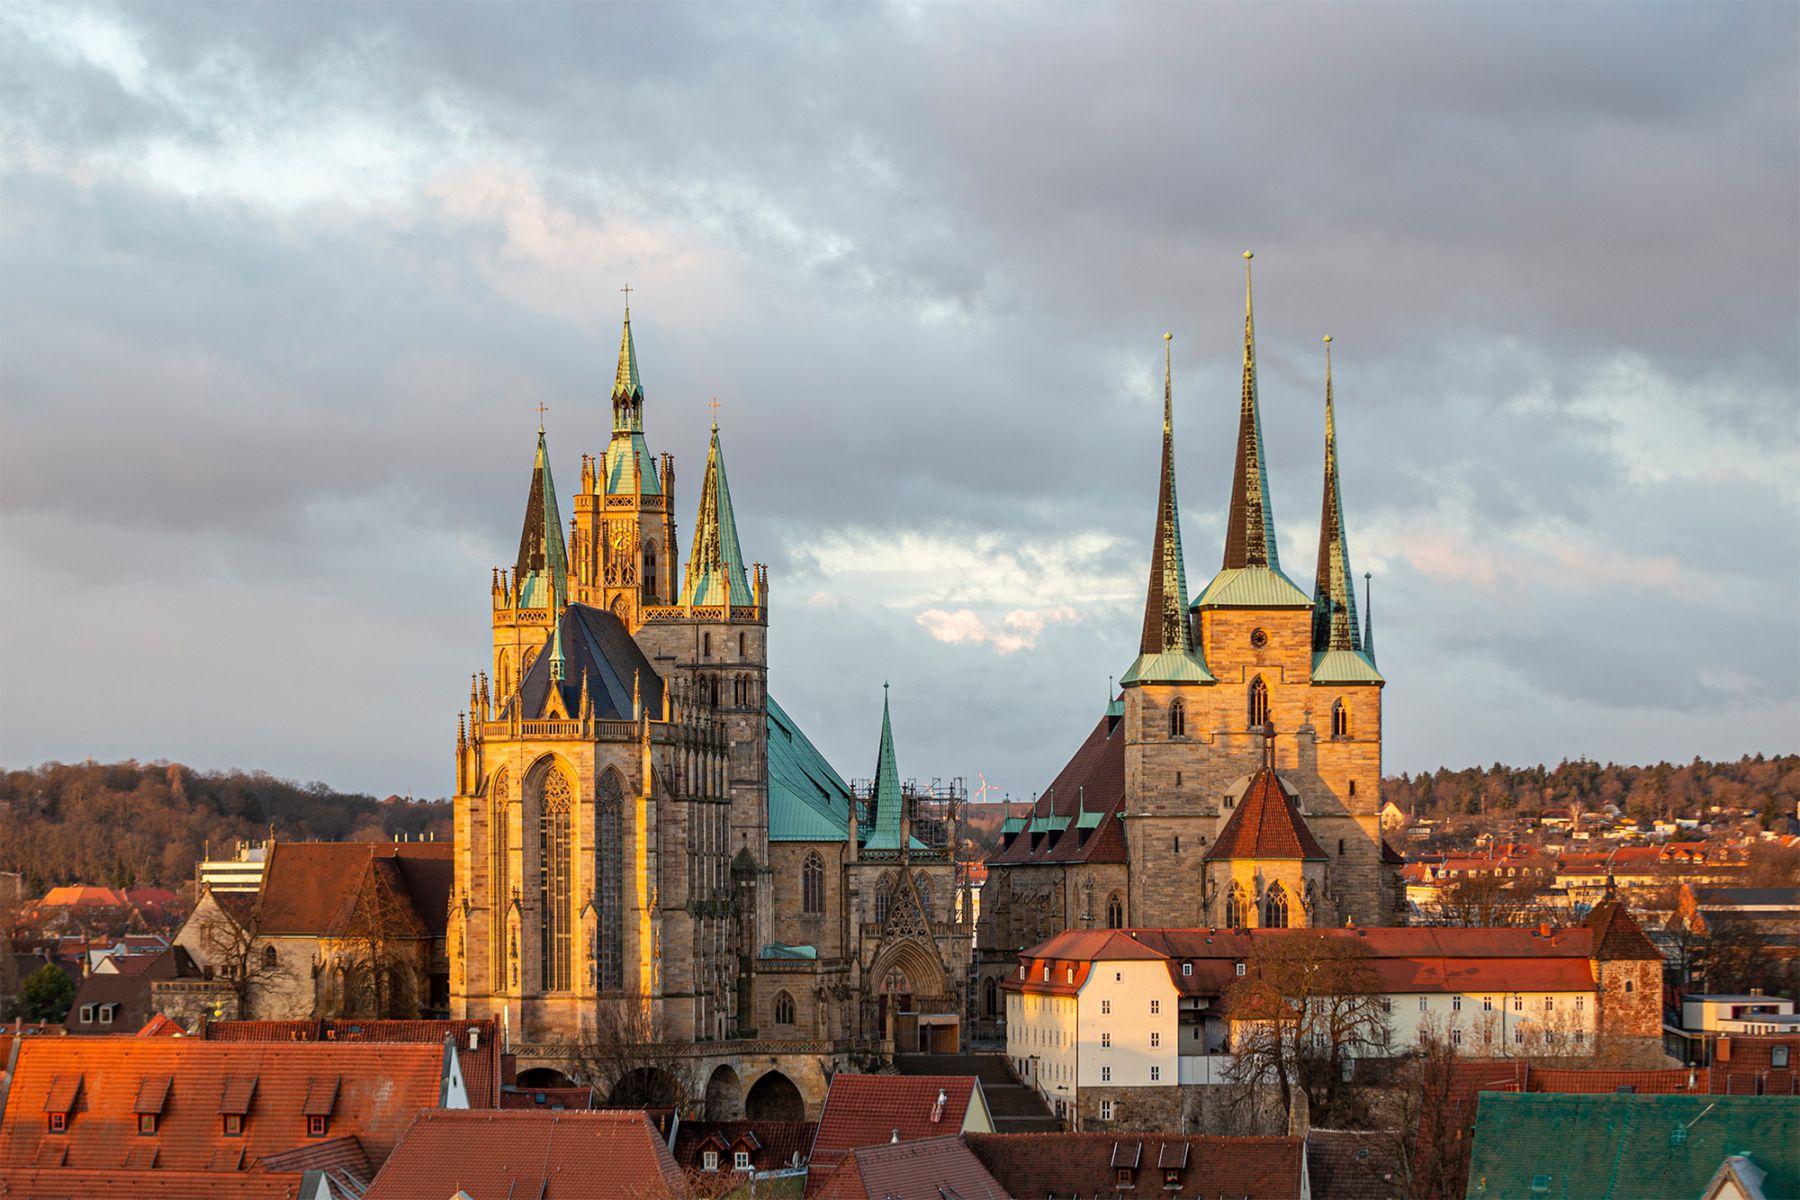 Het middeleeuwse centrum van Erfurt